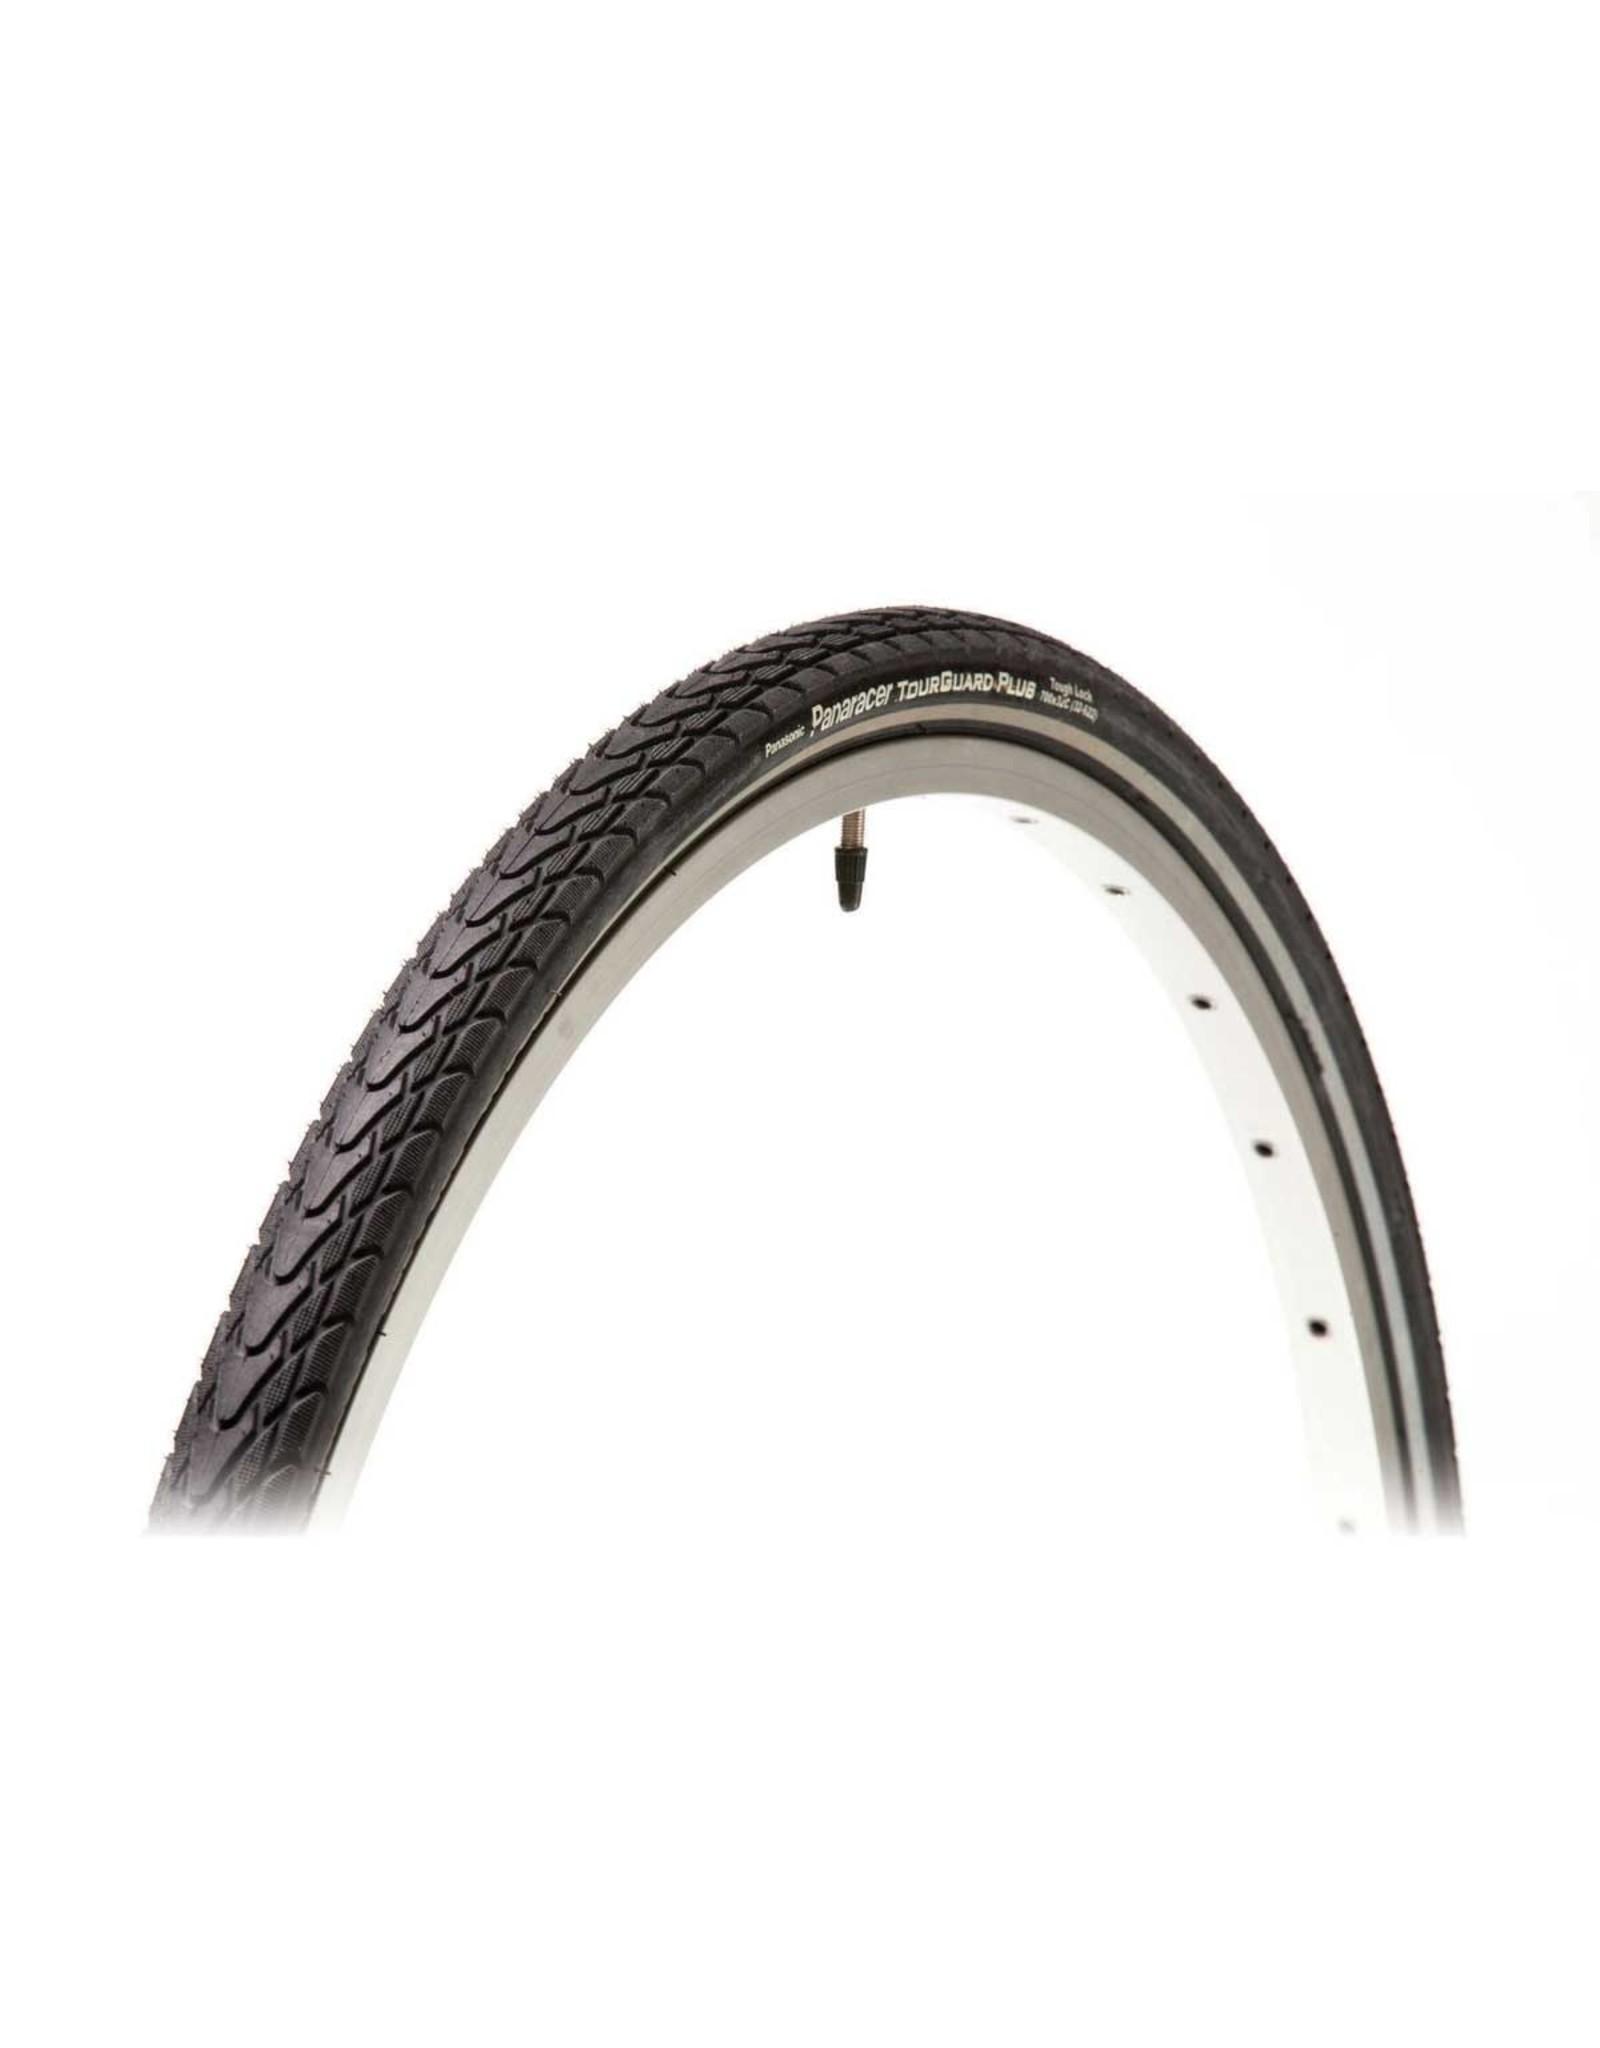 Panaracer Tyre Tour Guard Plus 700 x 38